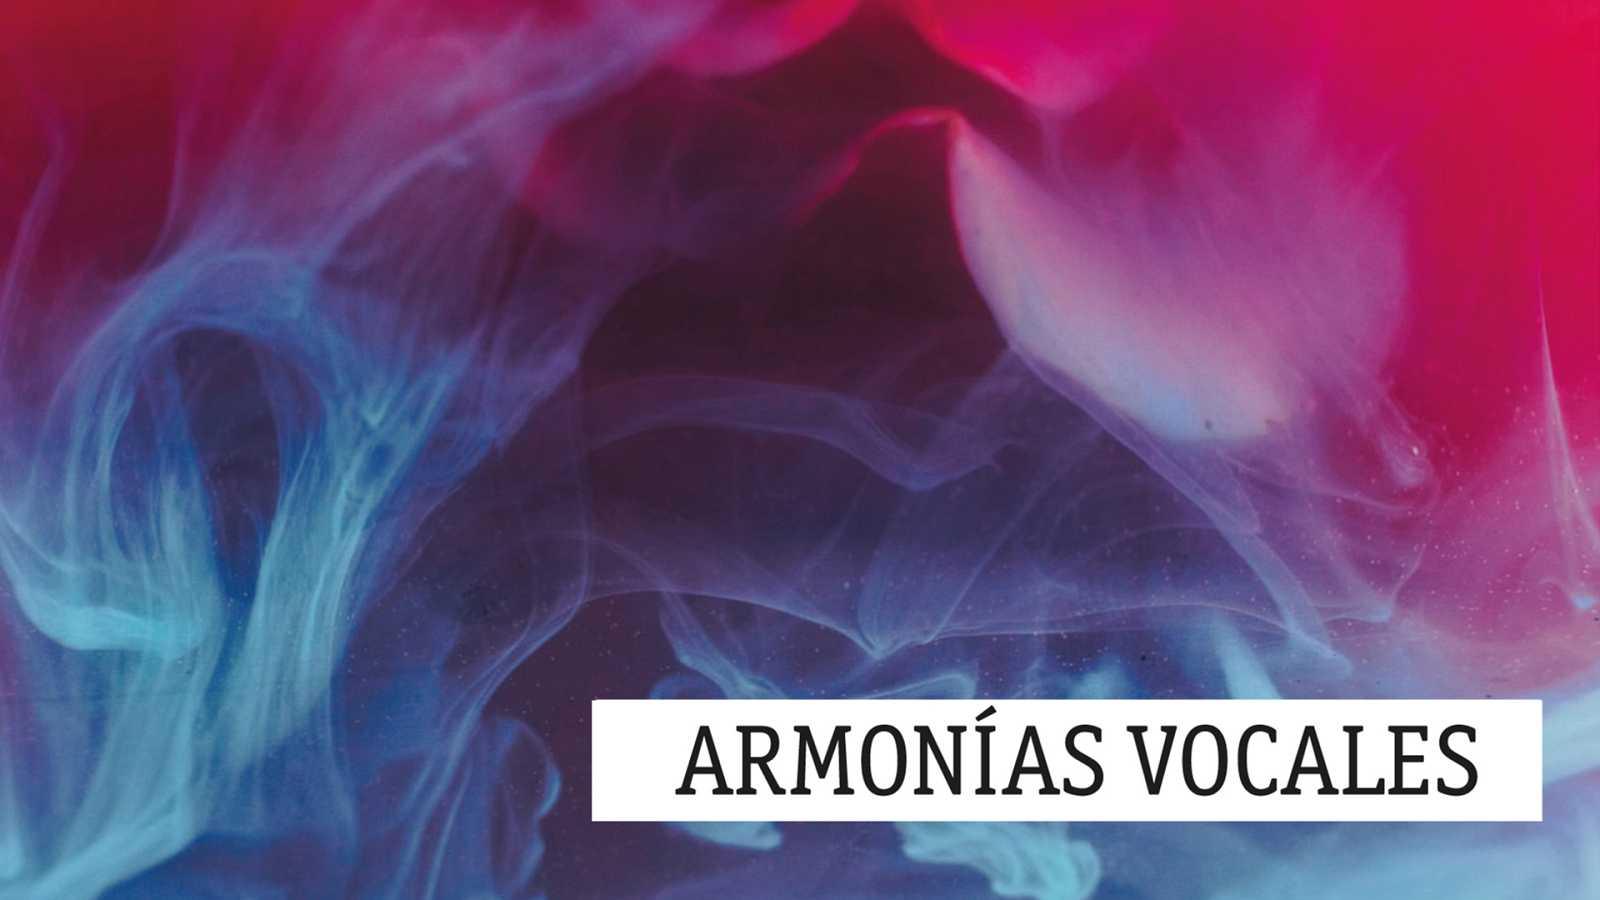 Armonías vocales - Compositoras contemporáneas - 06/03/21 - escuchar ahora